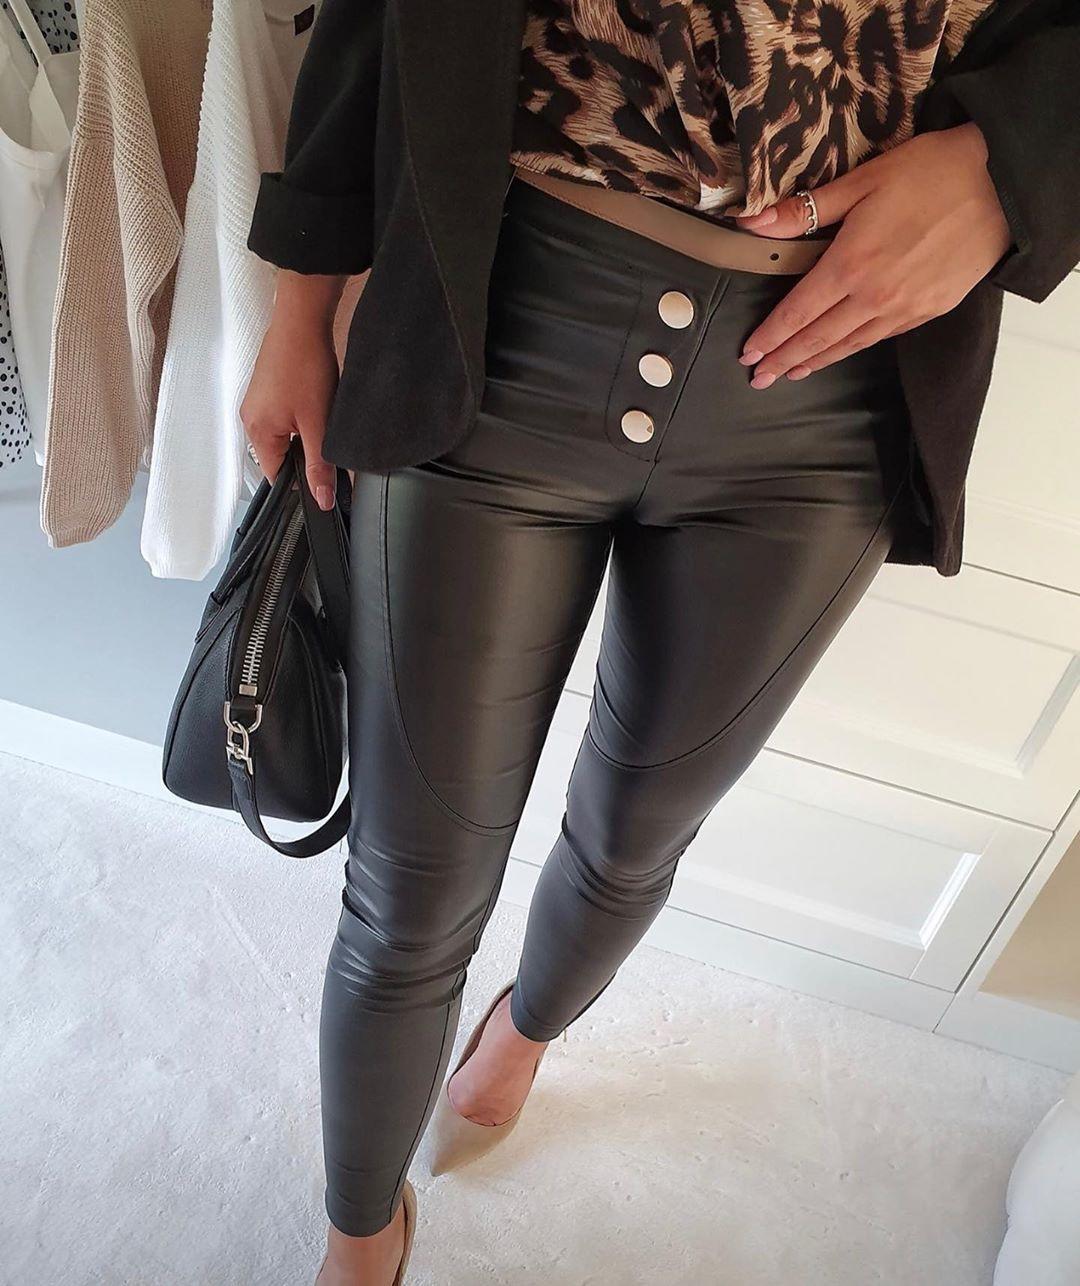 chicme / Pantalones de cuero sintético con botones